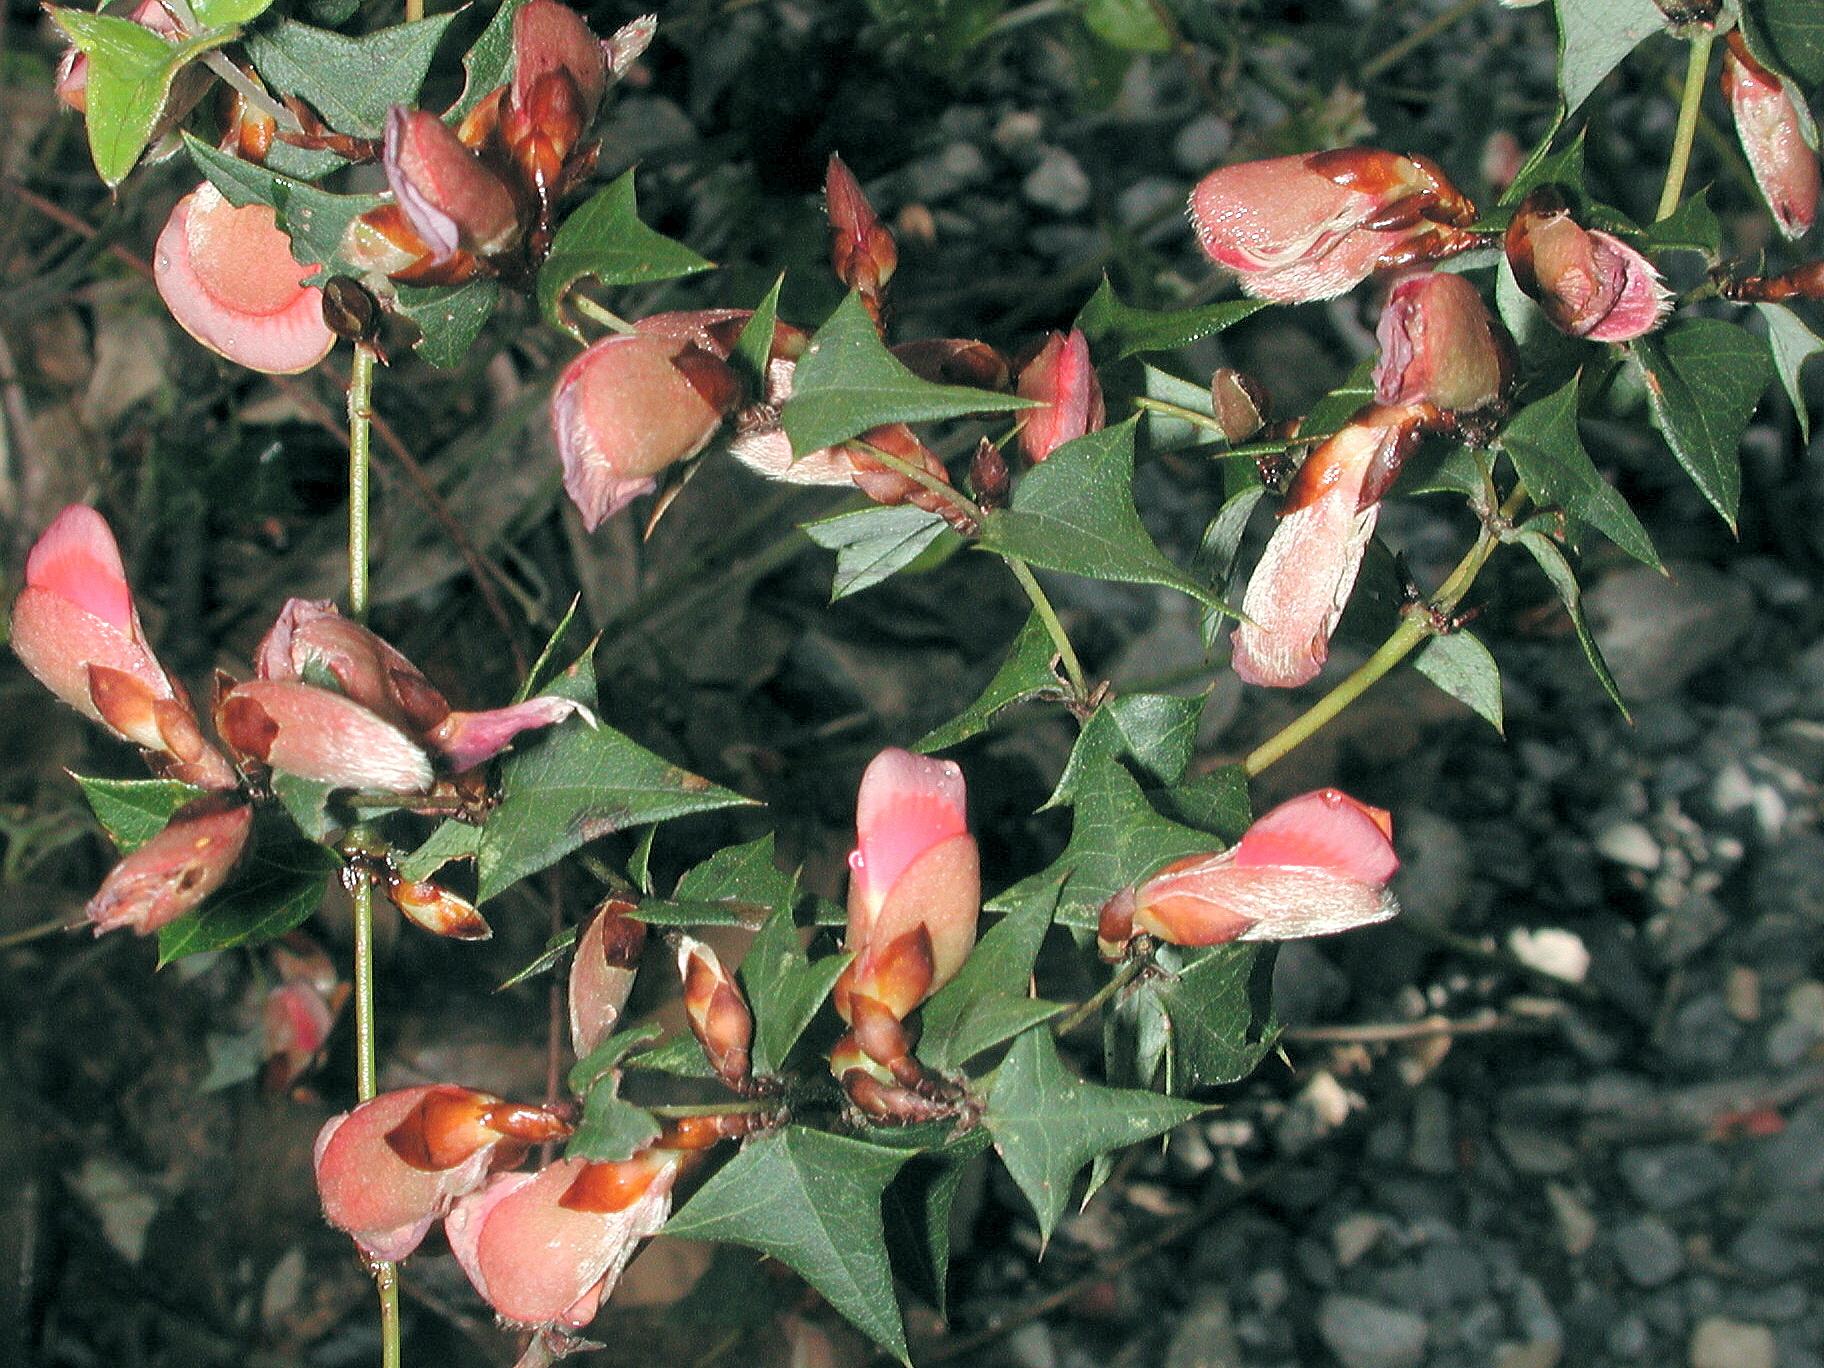 Platylobium obtusangulum